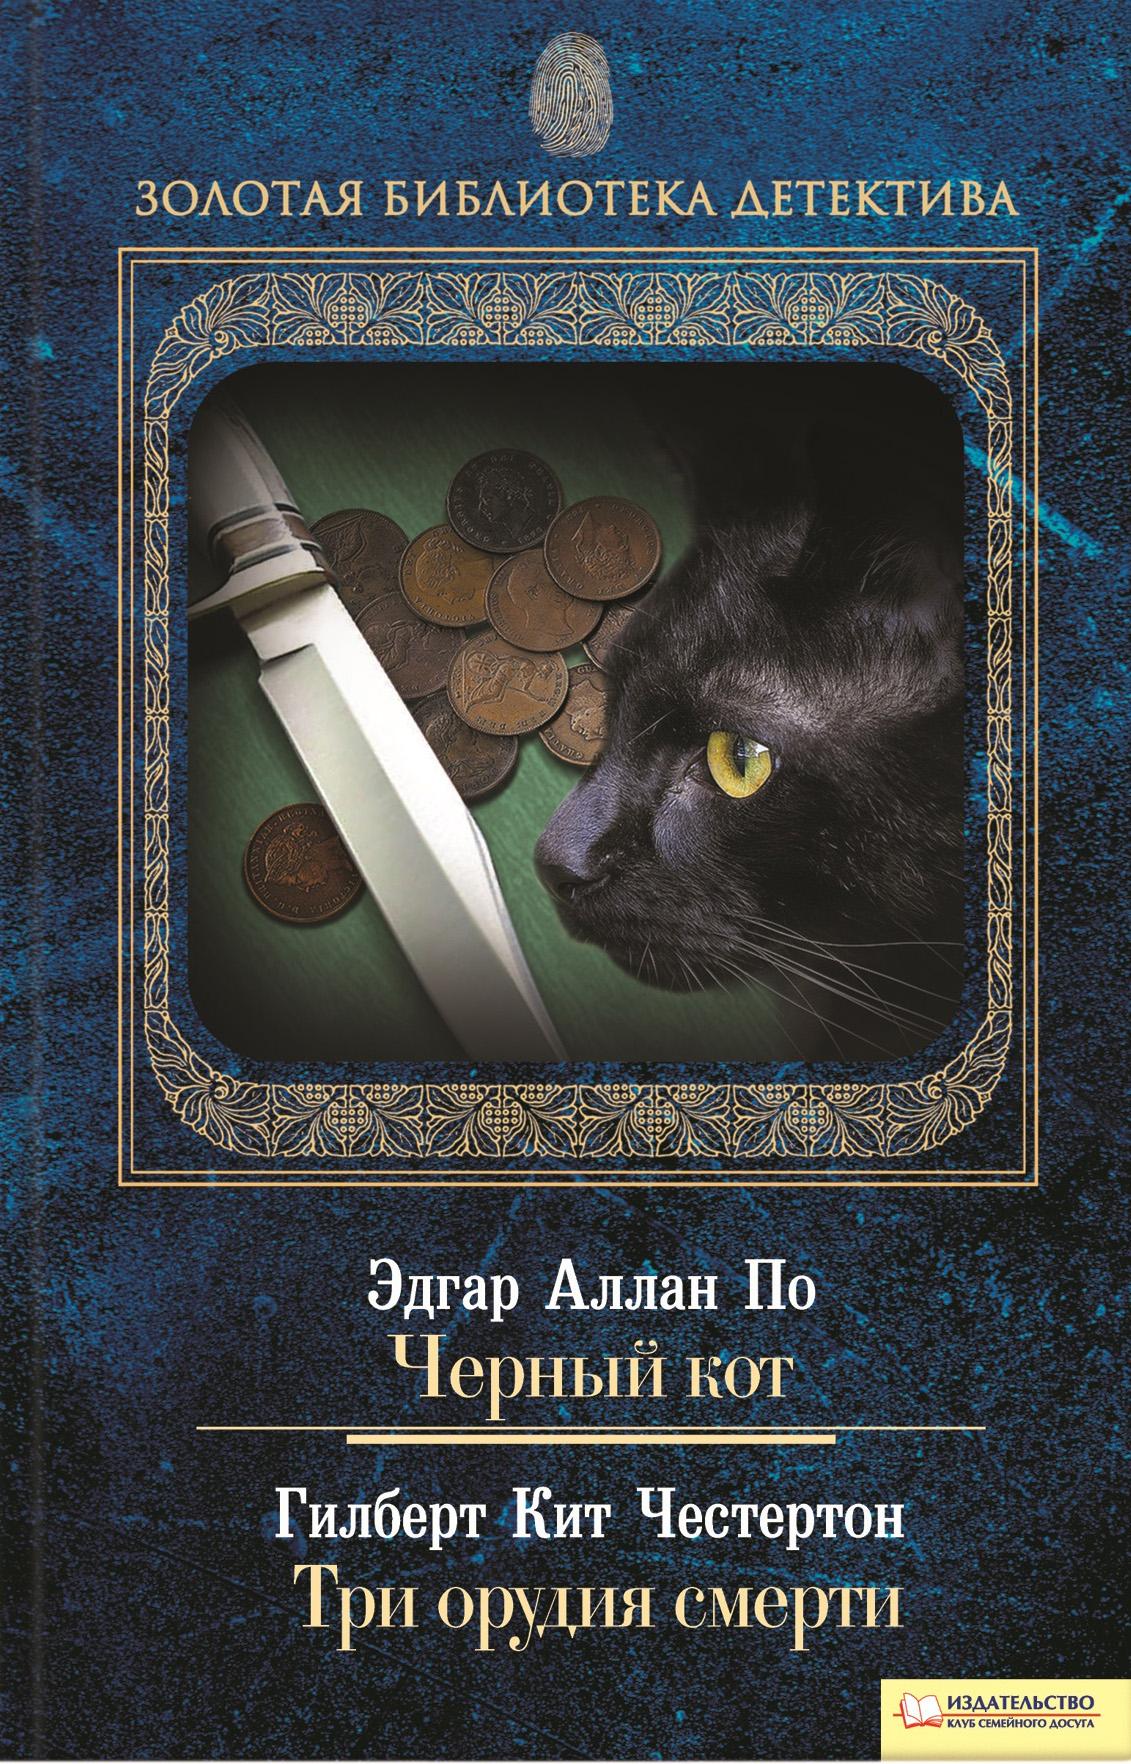 Эдгар Аллан По Черный кот. Три орудия смерти (сборник) для огорода орудия труда